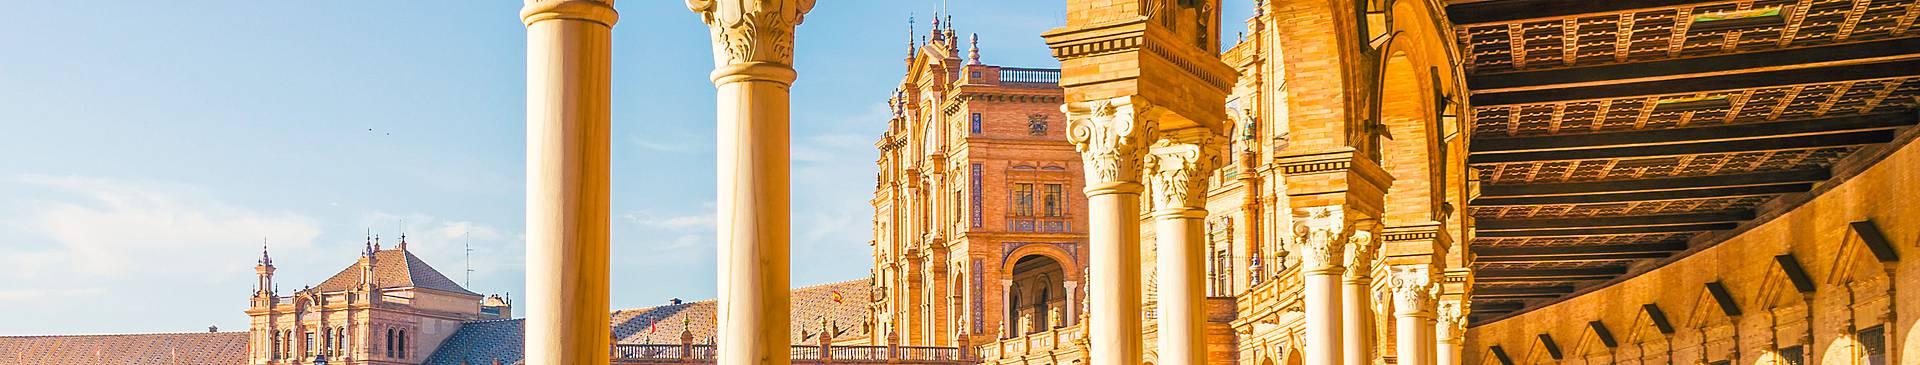 One week in Spain